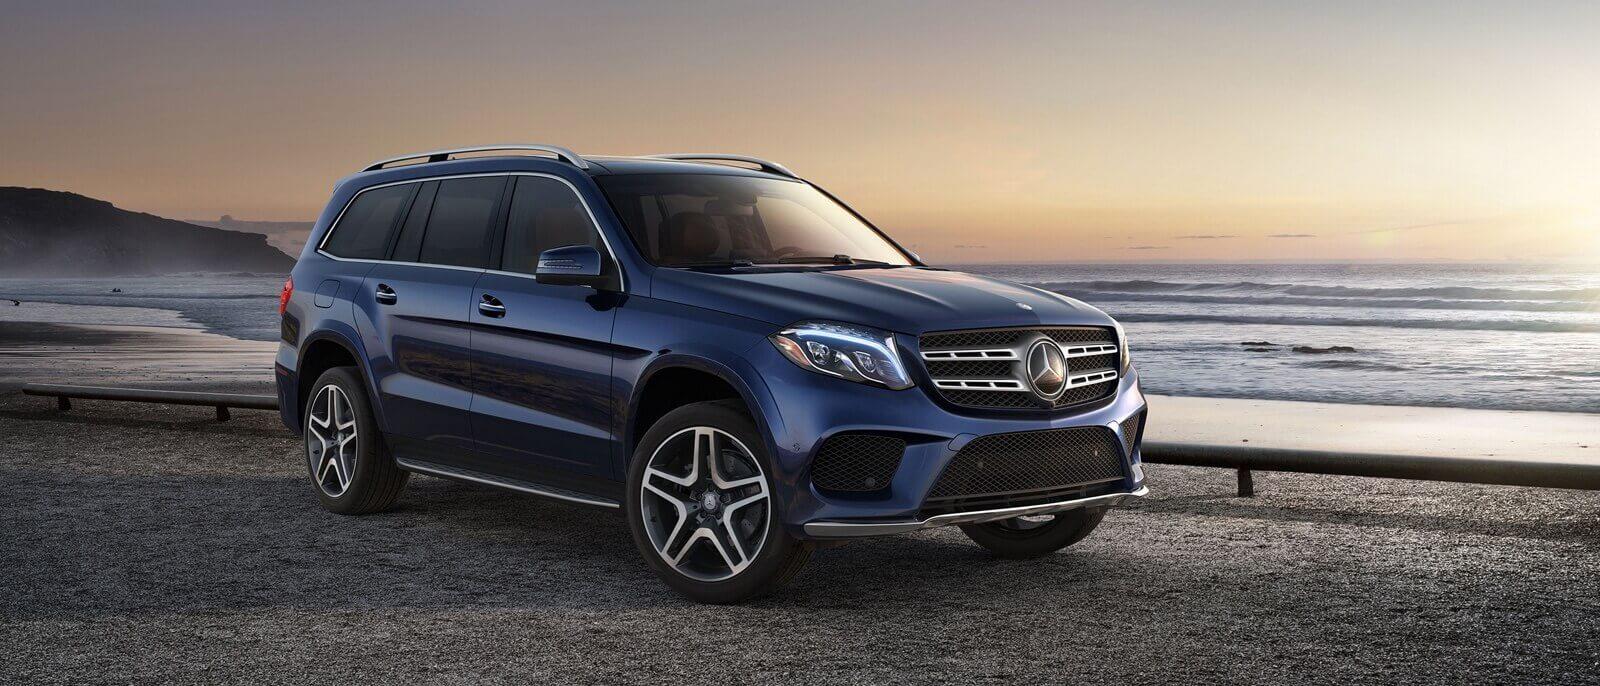 2017 Mercedes-Benz GLS blue exterior